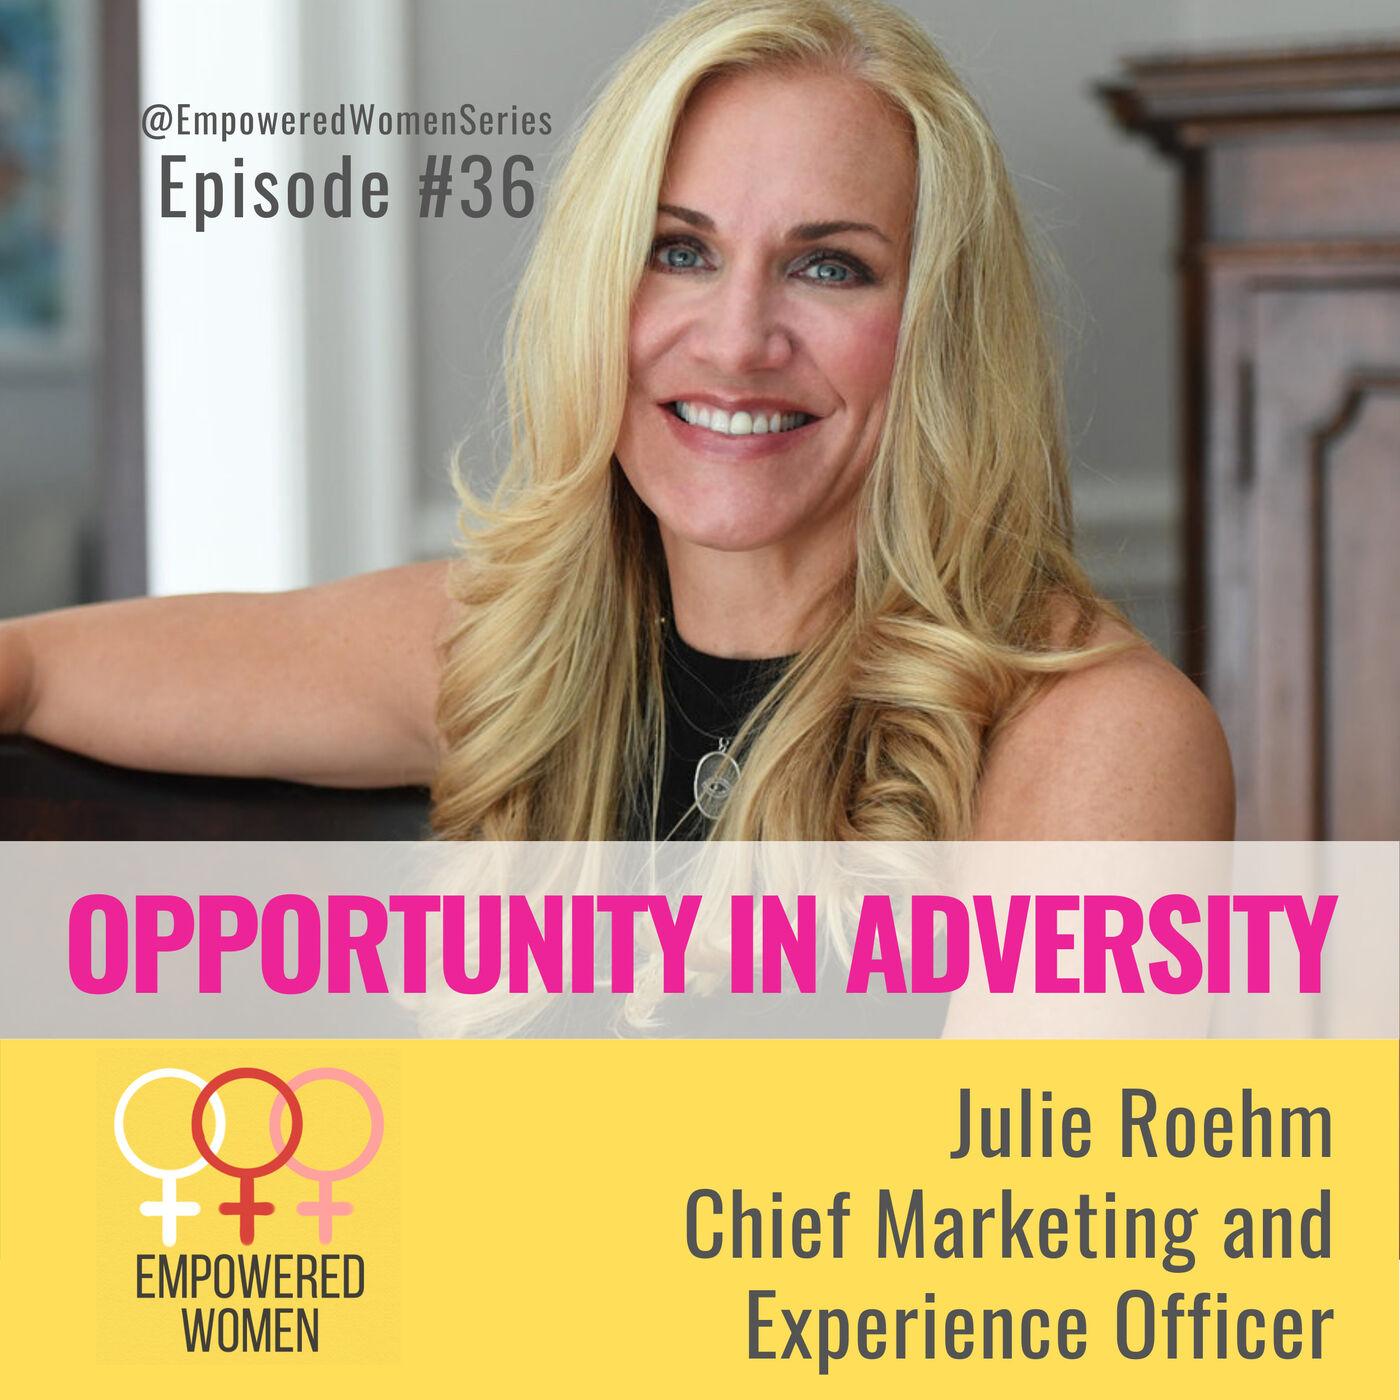 E36 - Opportunity in Adversity